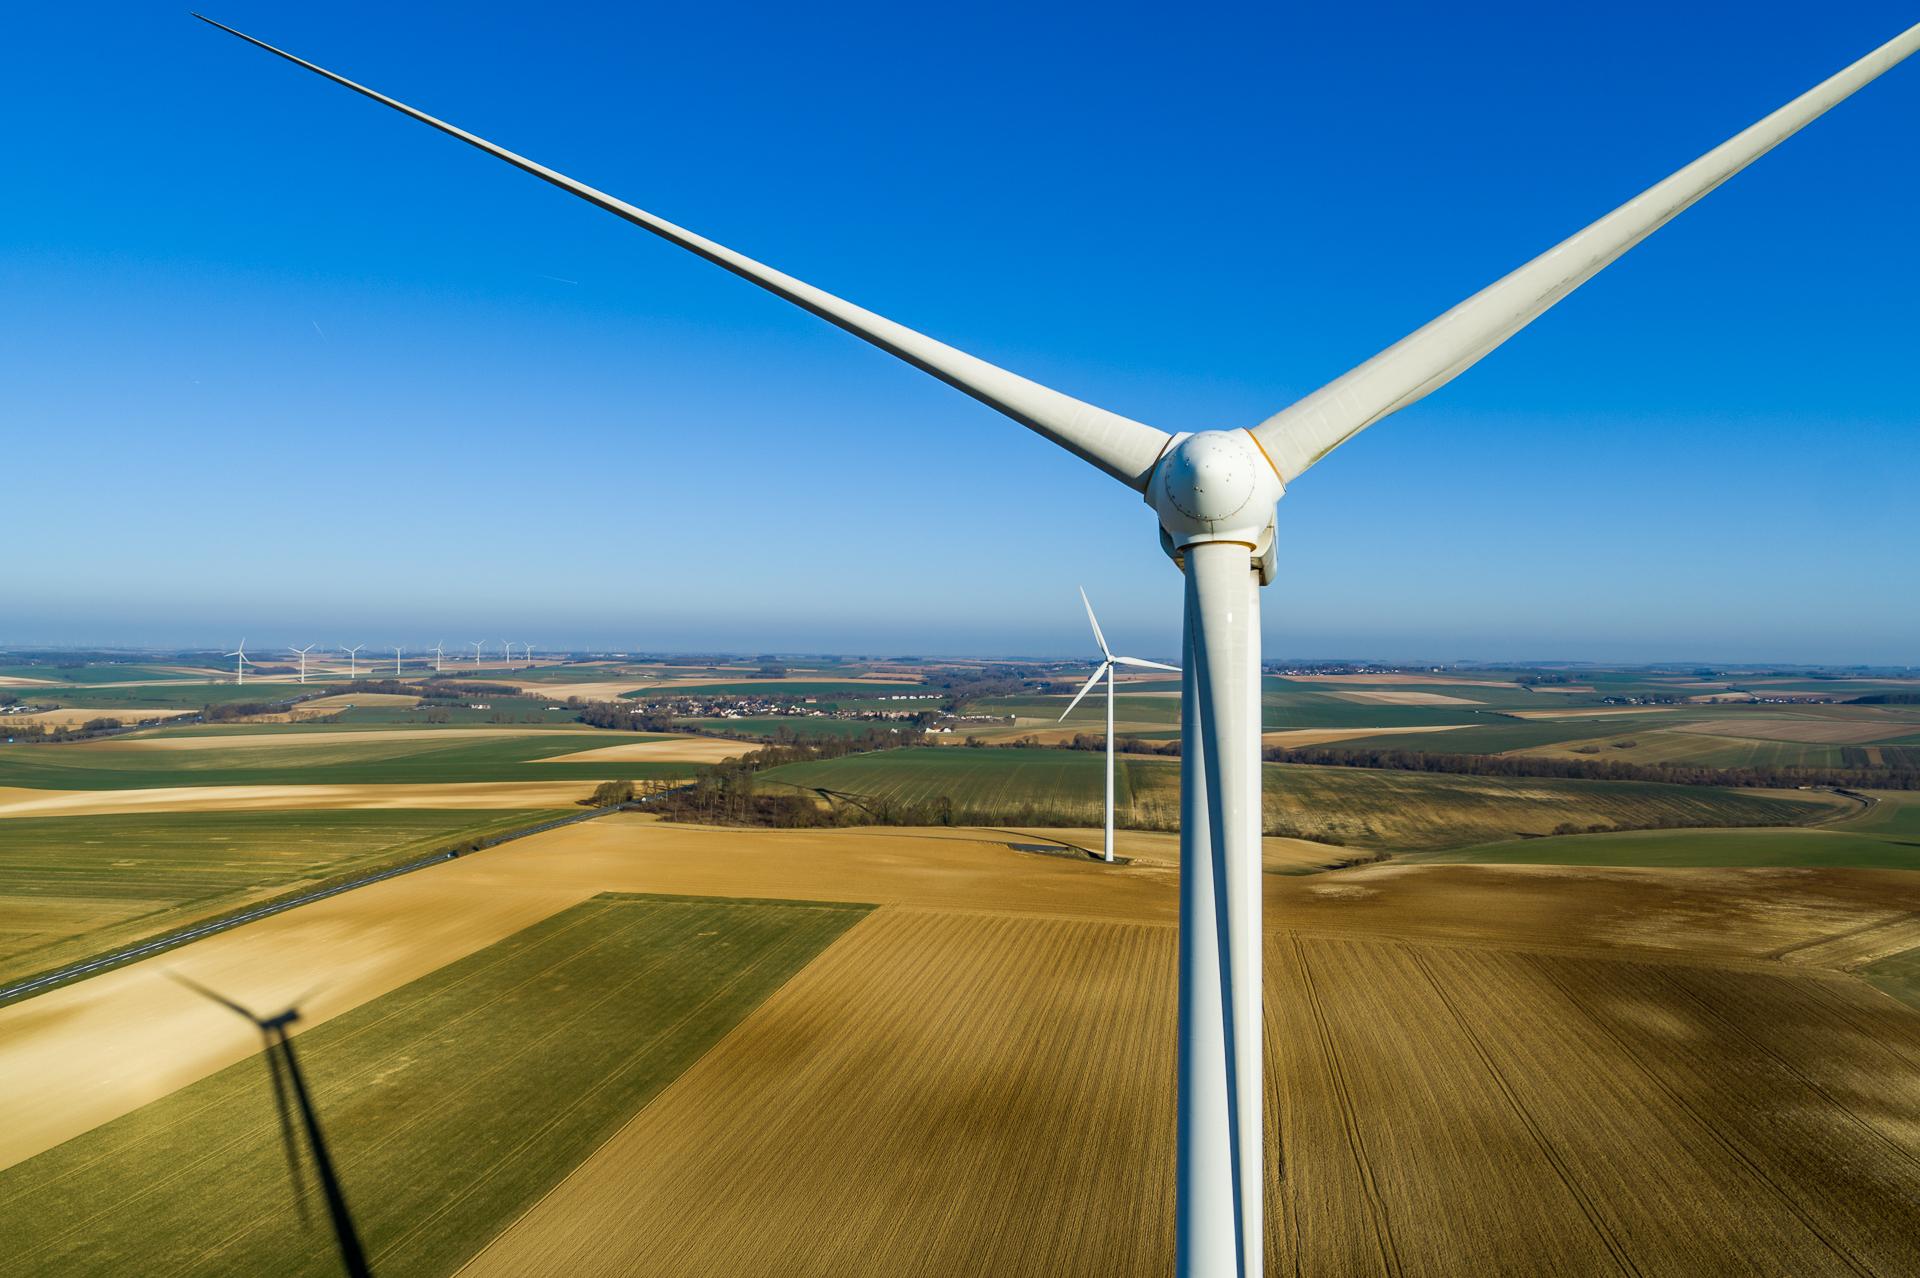 Kallista_Energy_Picardie_Omissy-0625©Stephane_Leroy.jpg